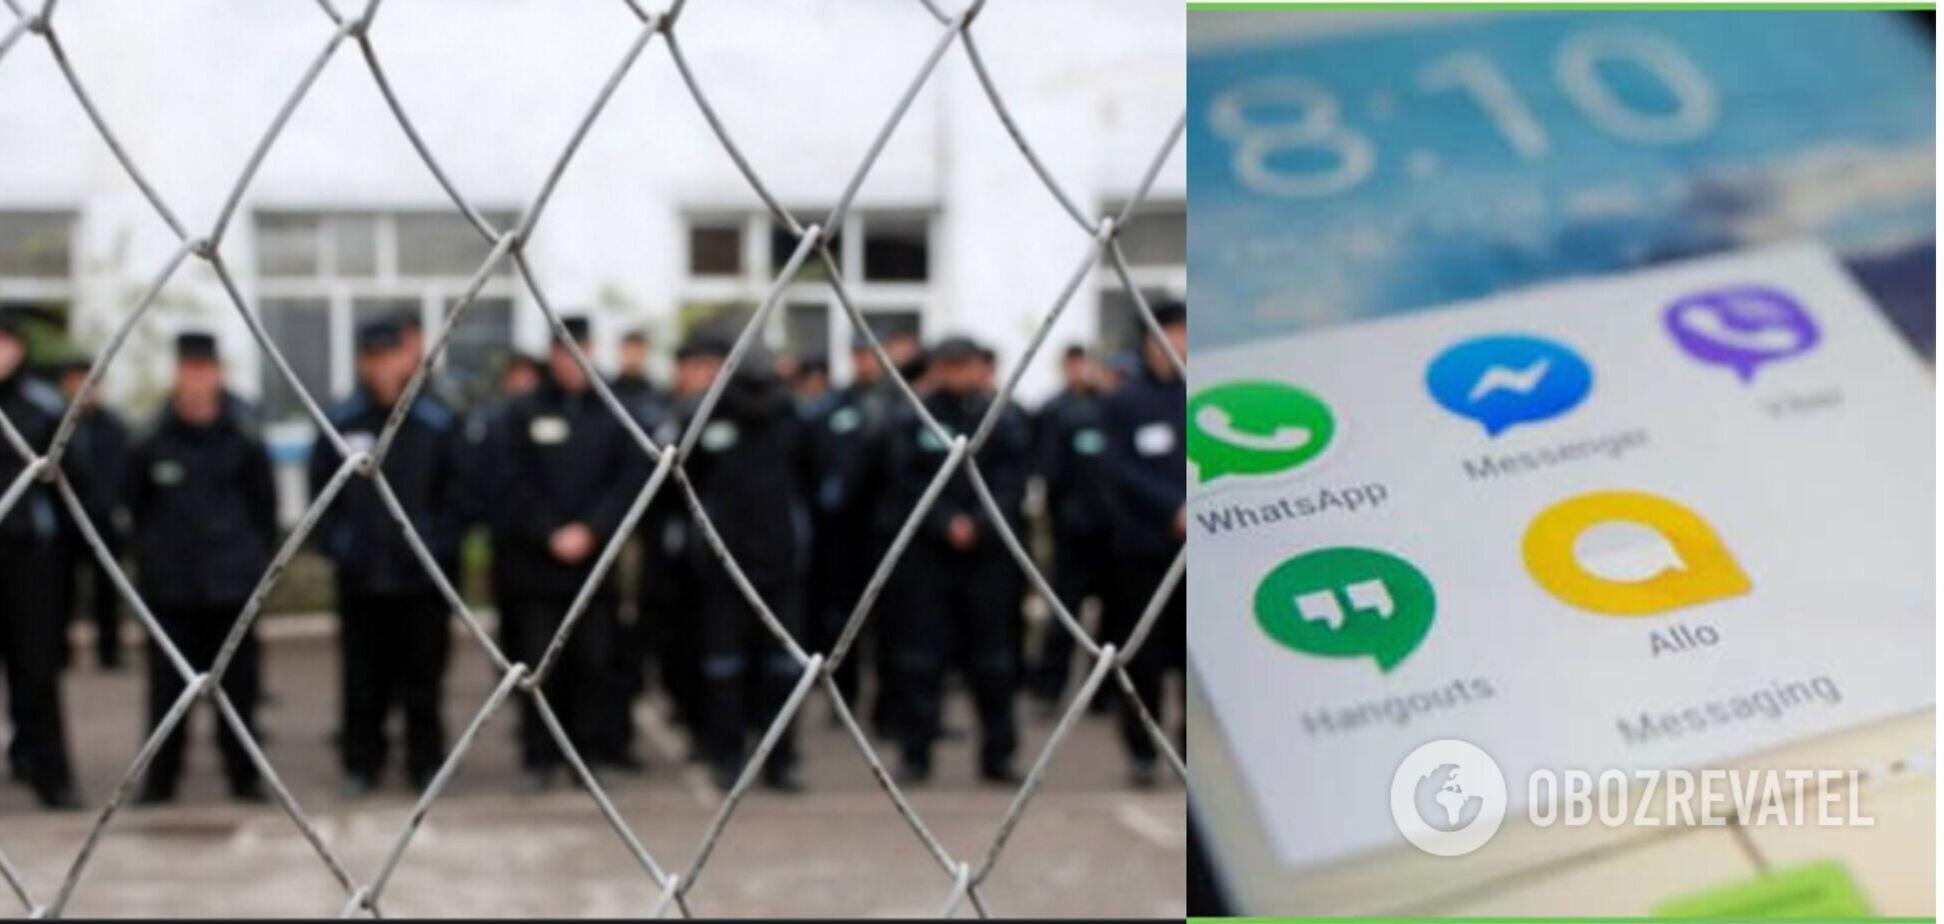 В украинских СИЗО разрешат пользоваться телефонами и интернетом: в чем суть эксперимента